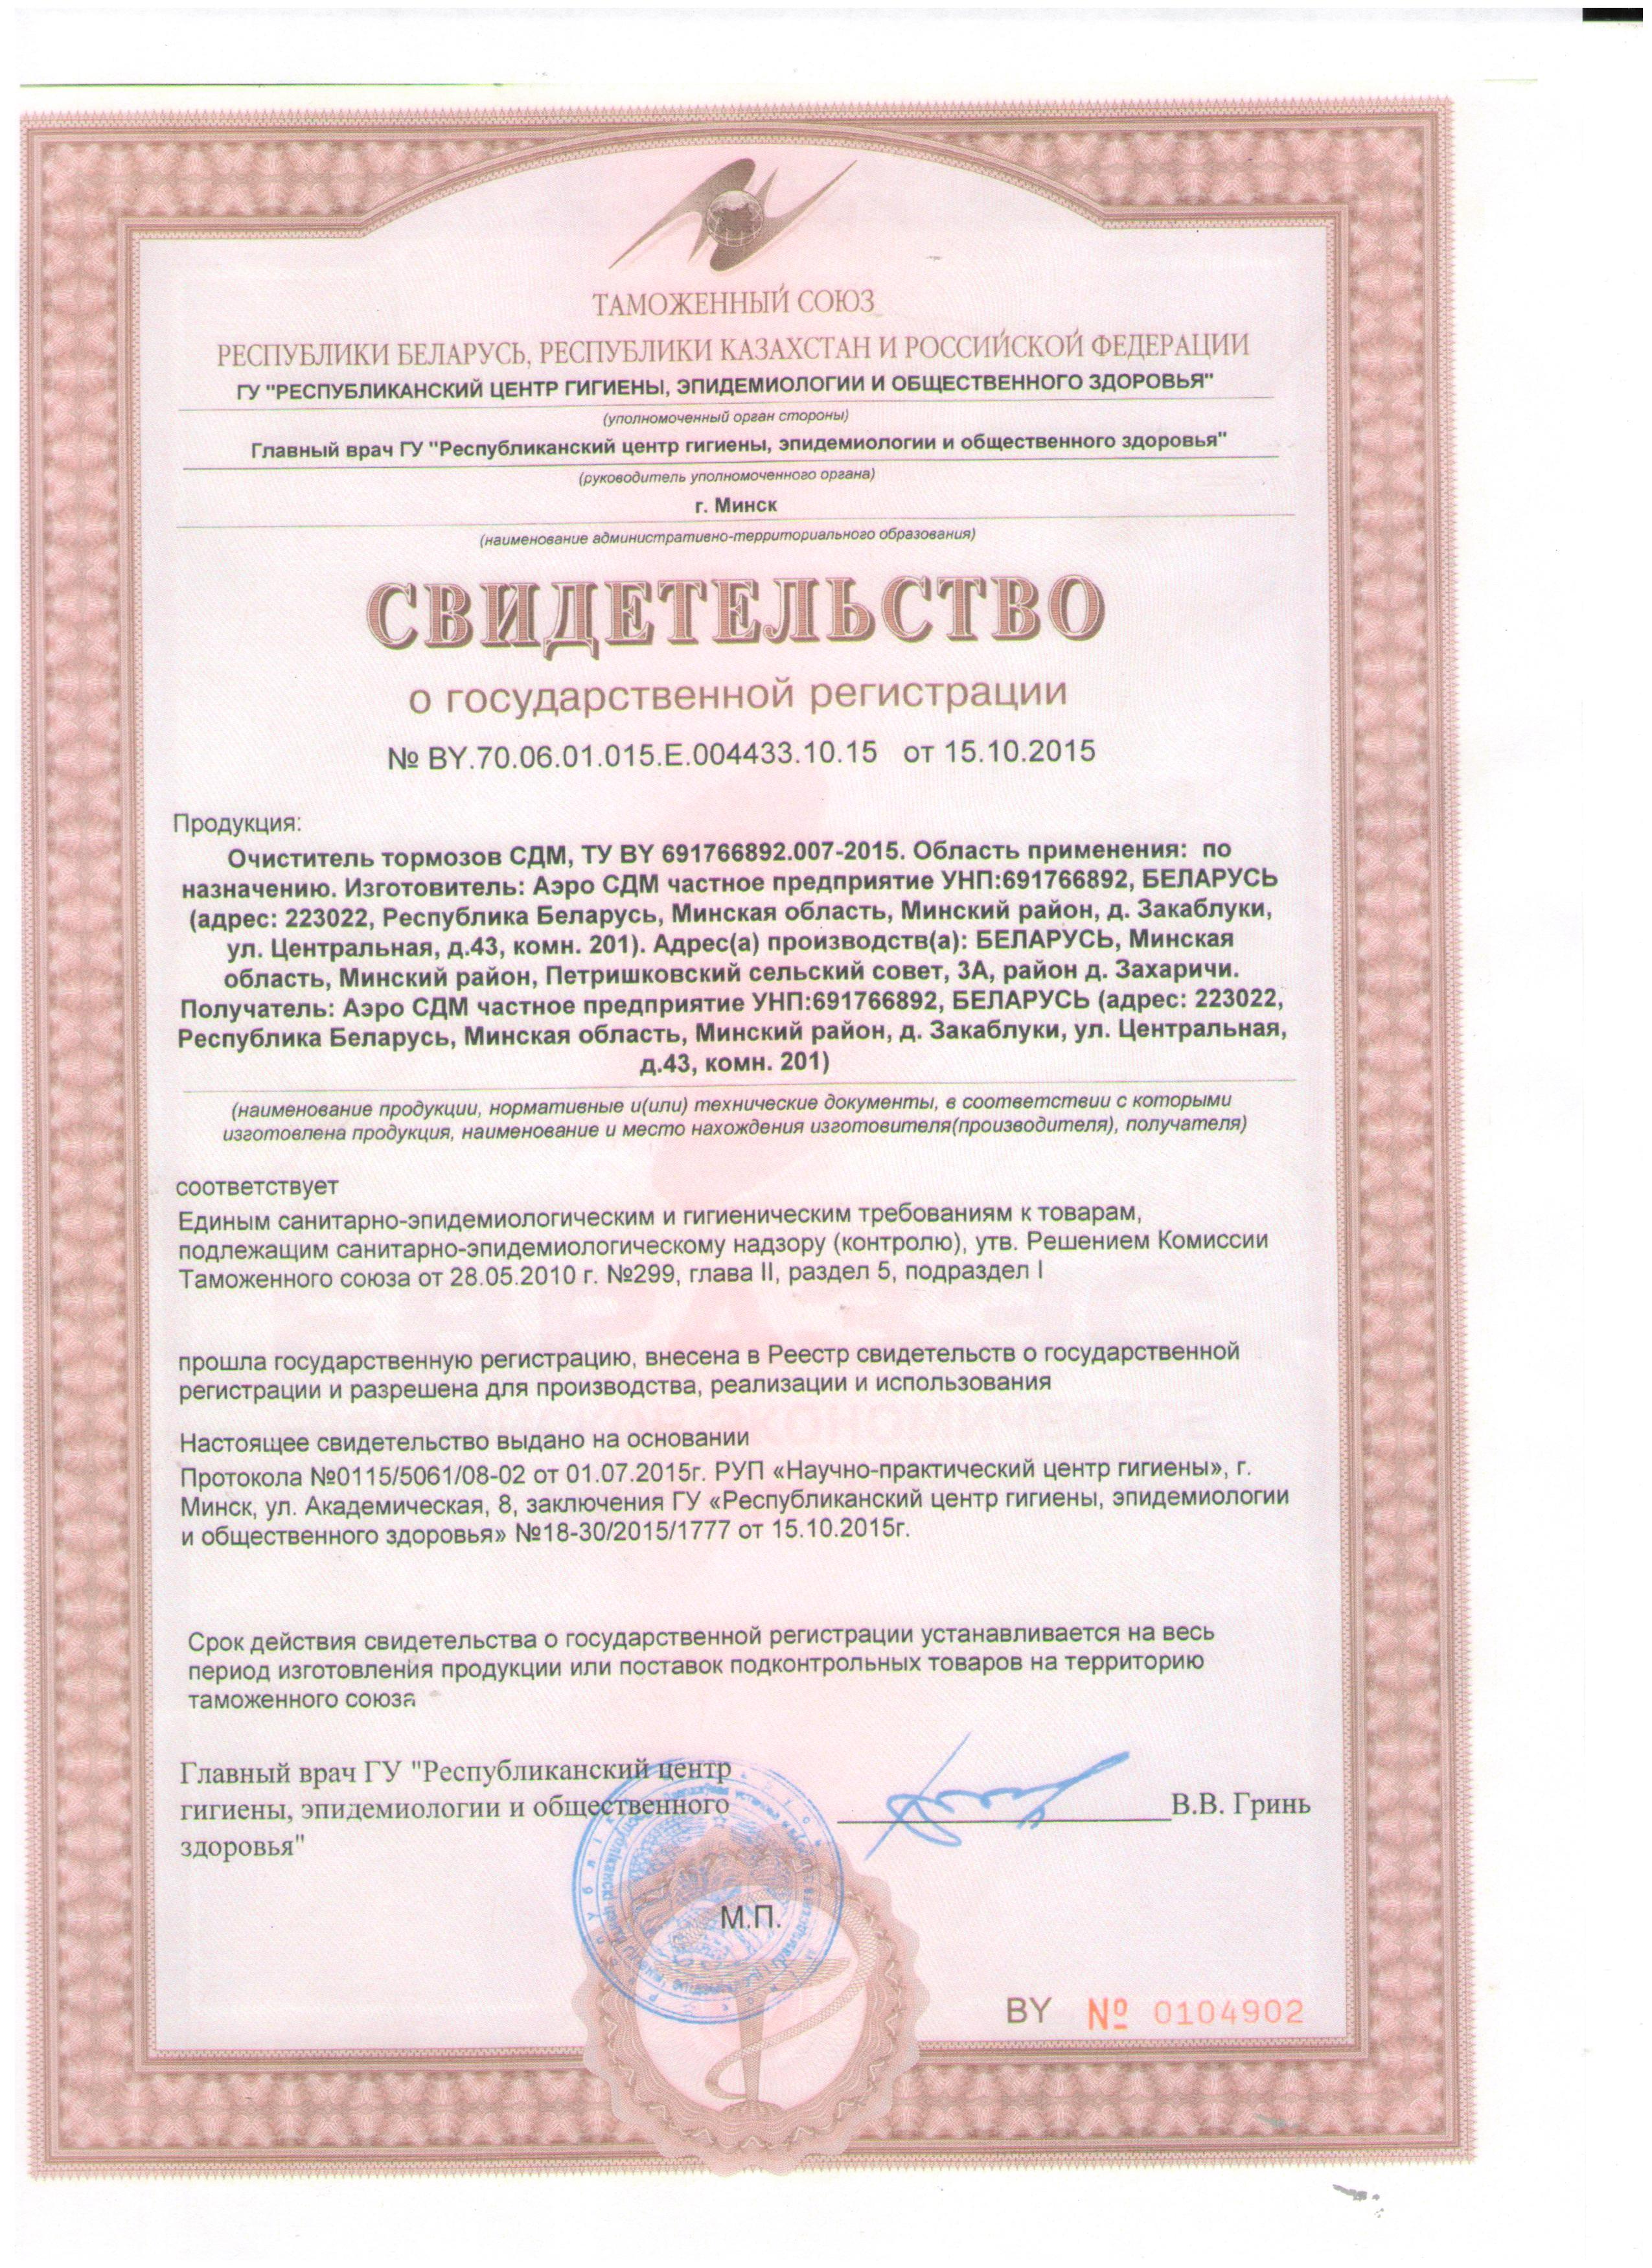 sertifikat-ot